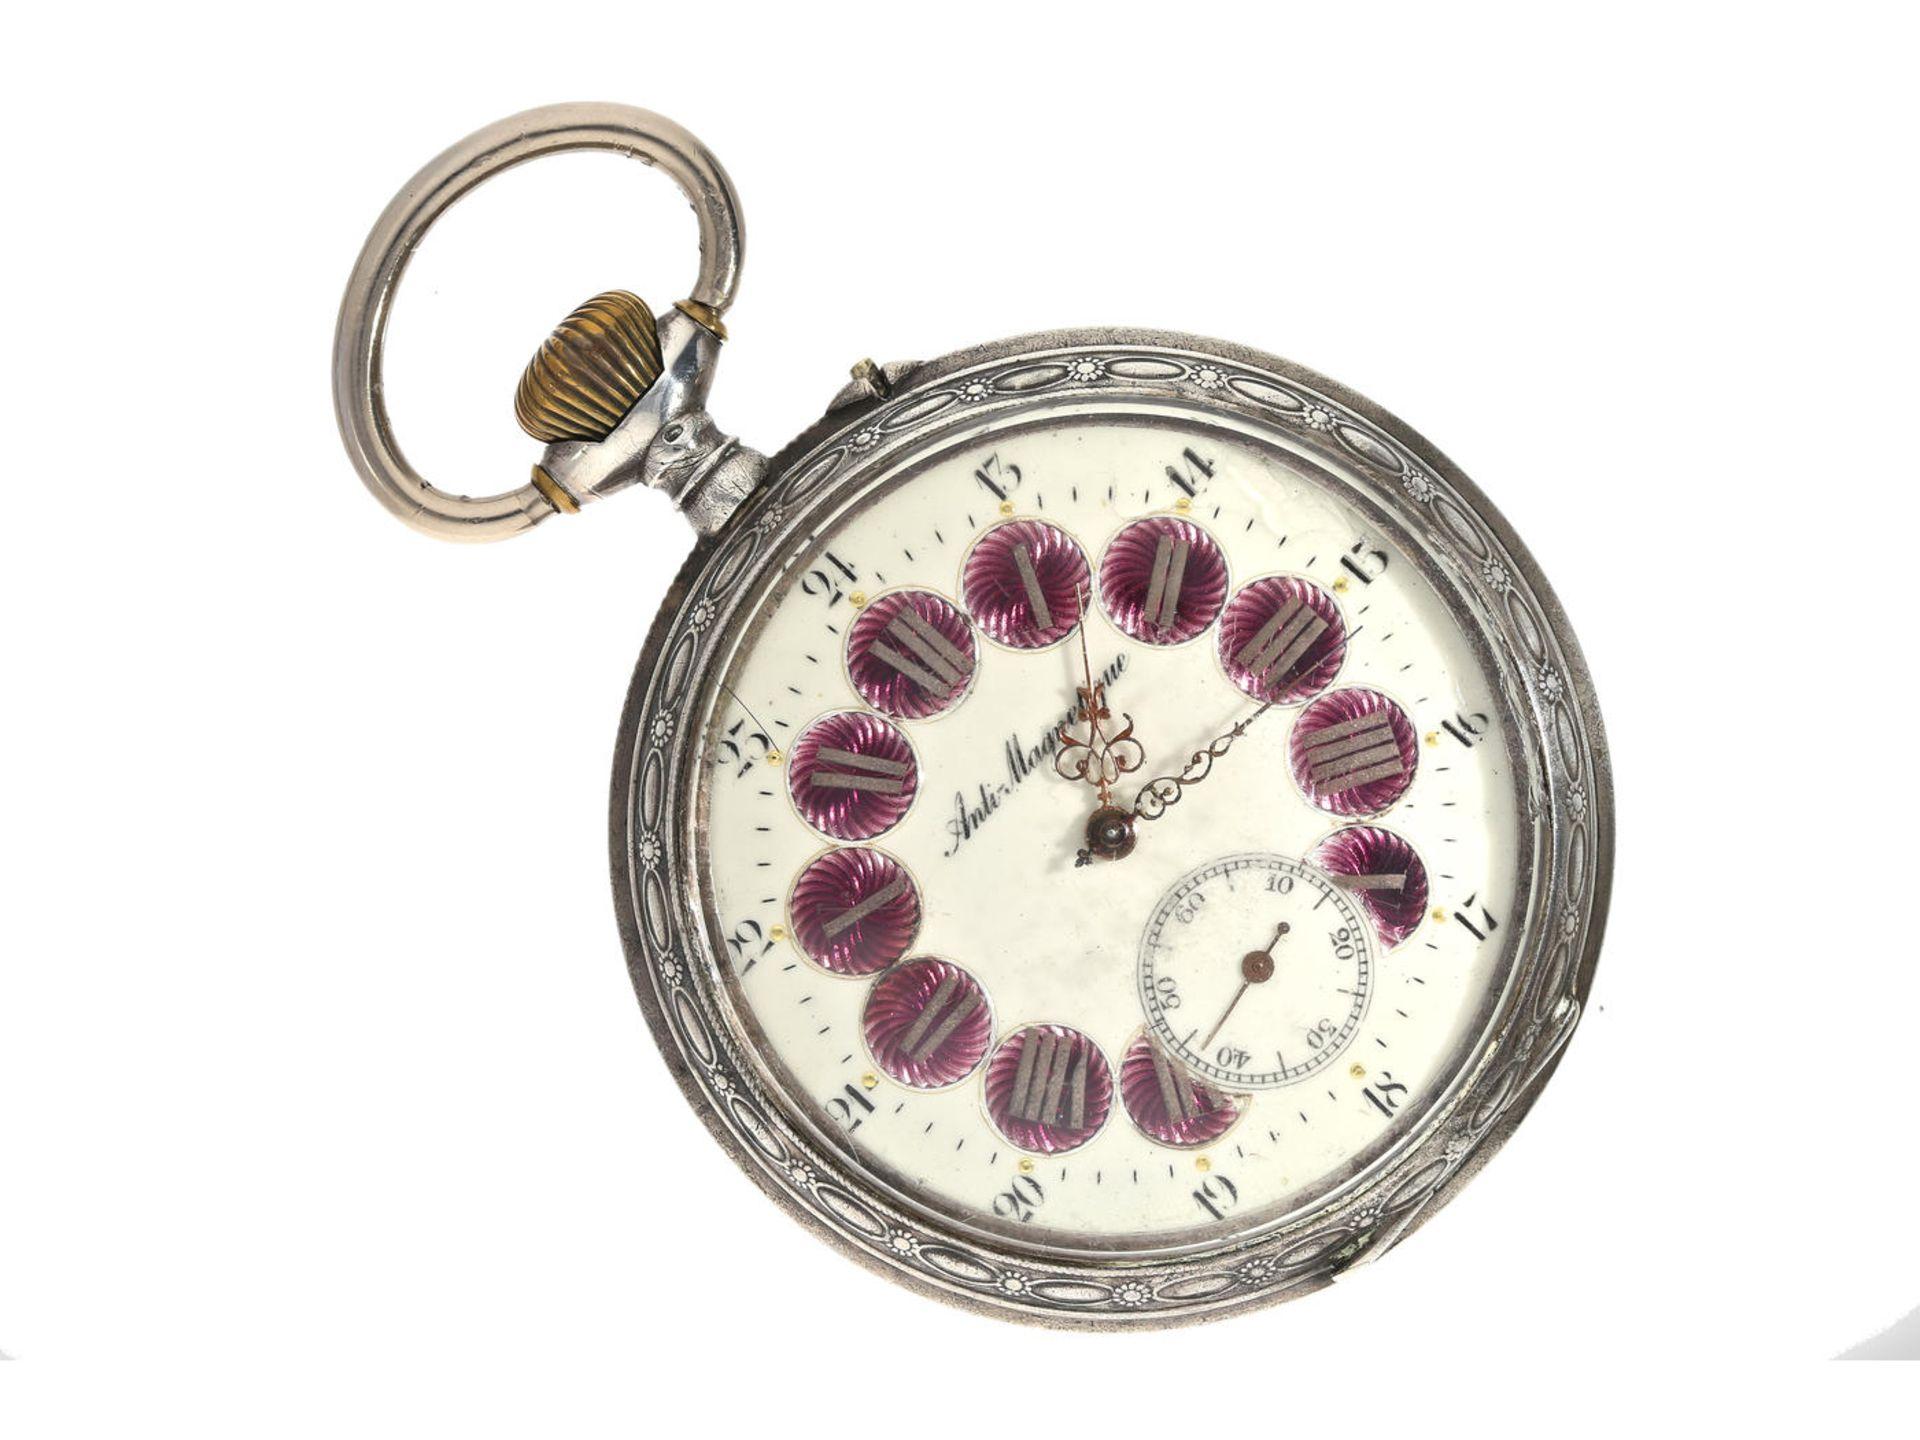 """Taschenuhr: übergroße, silberne Taschenuhr mit dekorativem Kartuschenzifferblatt, Typ """"Regulateur"""